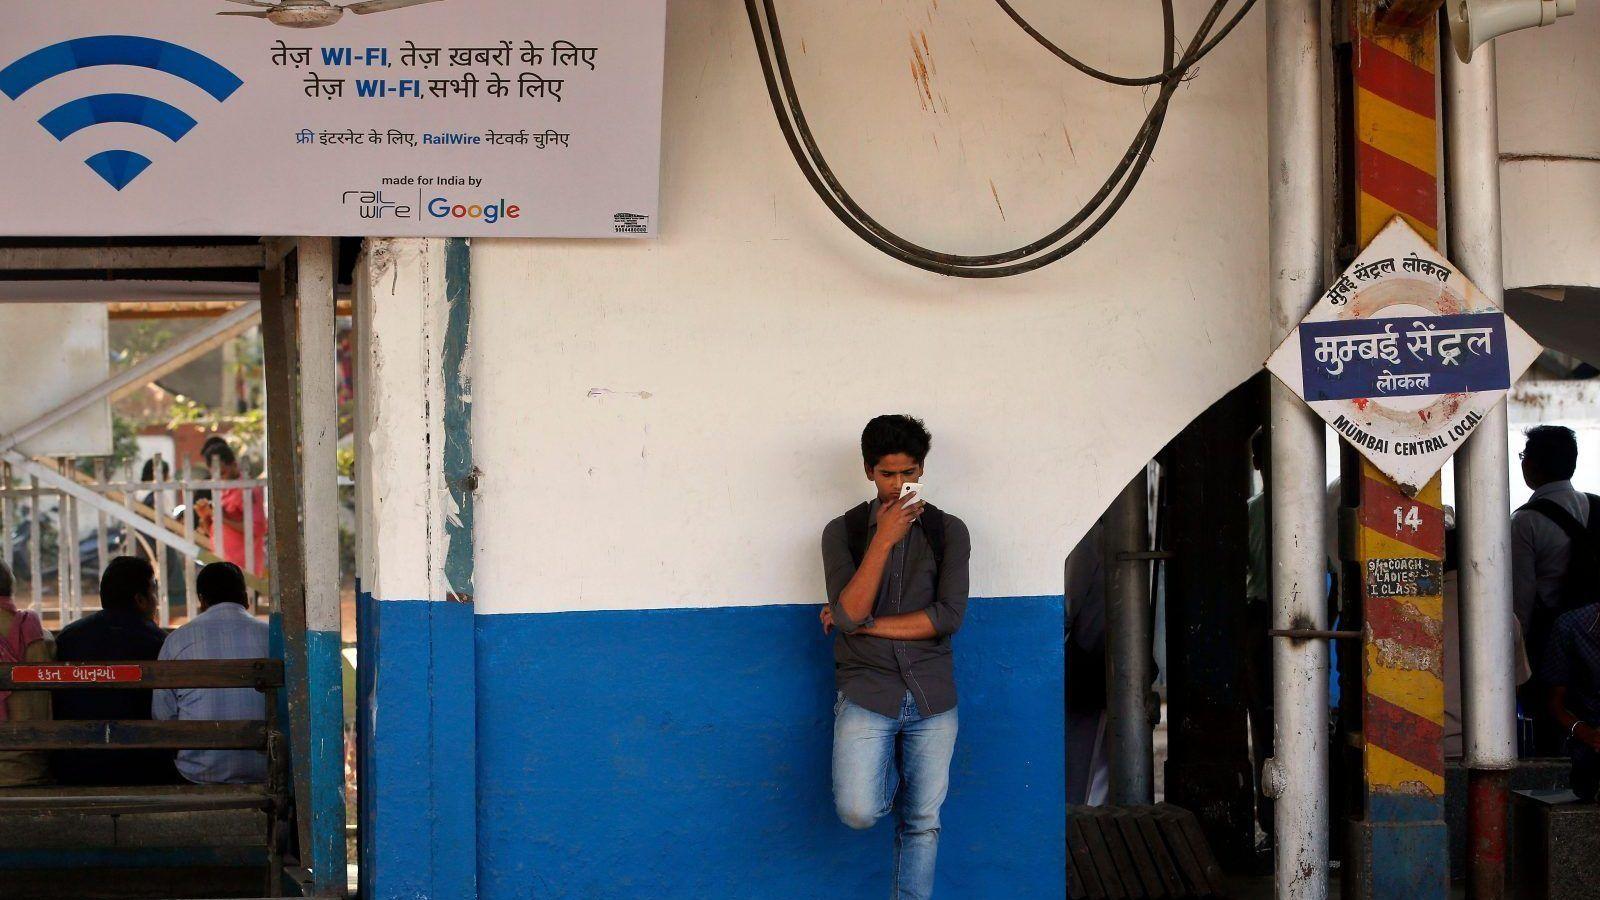 Un voyageur indien utilise un service Wi-Fi gratuit pour naviguer sur Internet à la gare centrale de Mumbai, en Inde, le vendredi 22 janvier 2016. Google Inc. a commencé à offrir une connexion Wi-Fi gratuite aux passagers des trains de Mumbai dans l'espoir de renforcer son rôle dans Marché indien.  Une affiche sur la gauche dit «WiFi rapide, pour des nouvelles rapides, WiFi rapide, pour tout le monde».  (AP Photo / Rajanish Kakade)